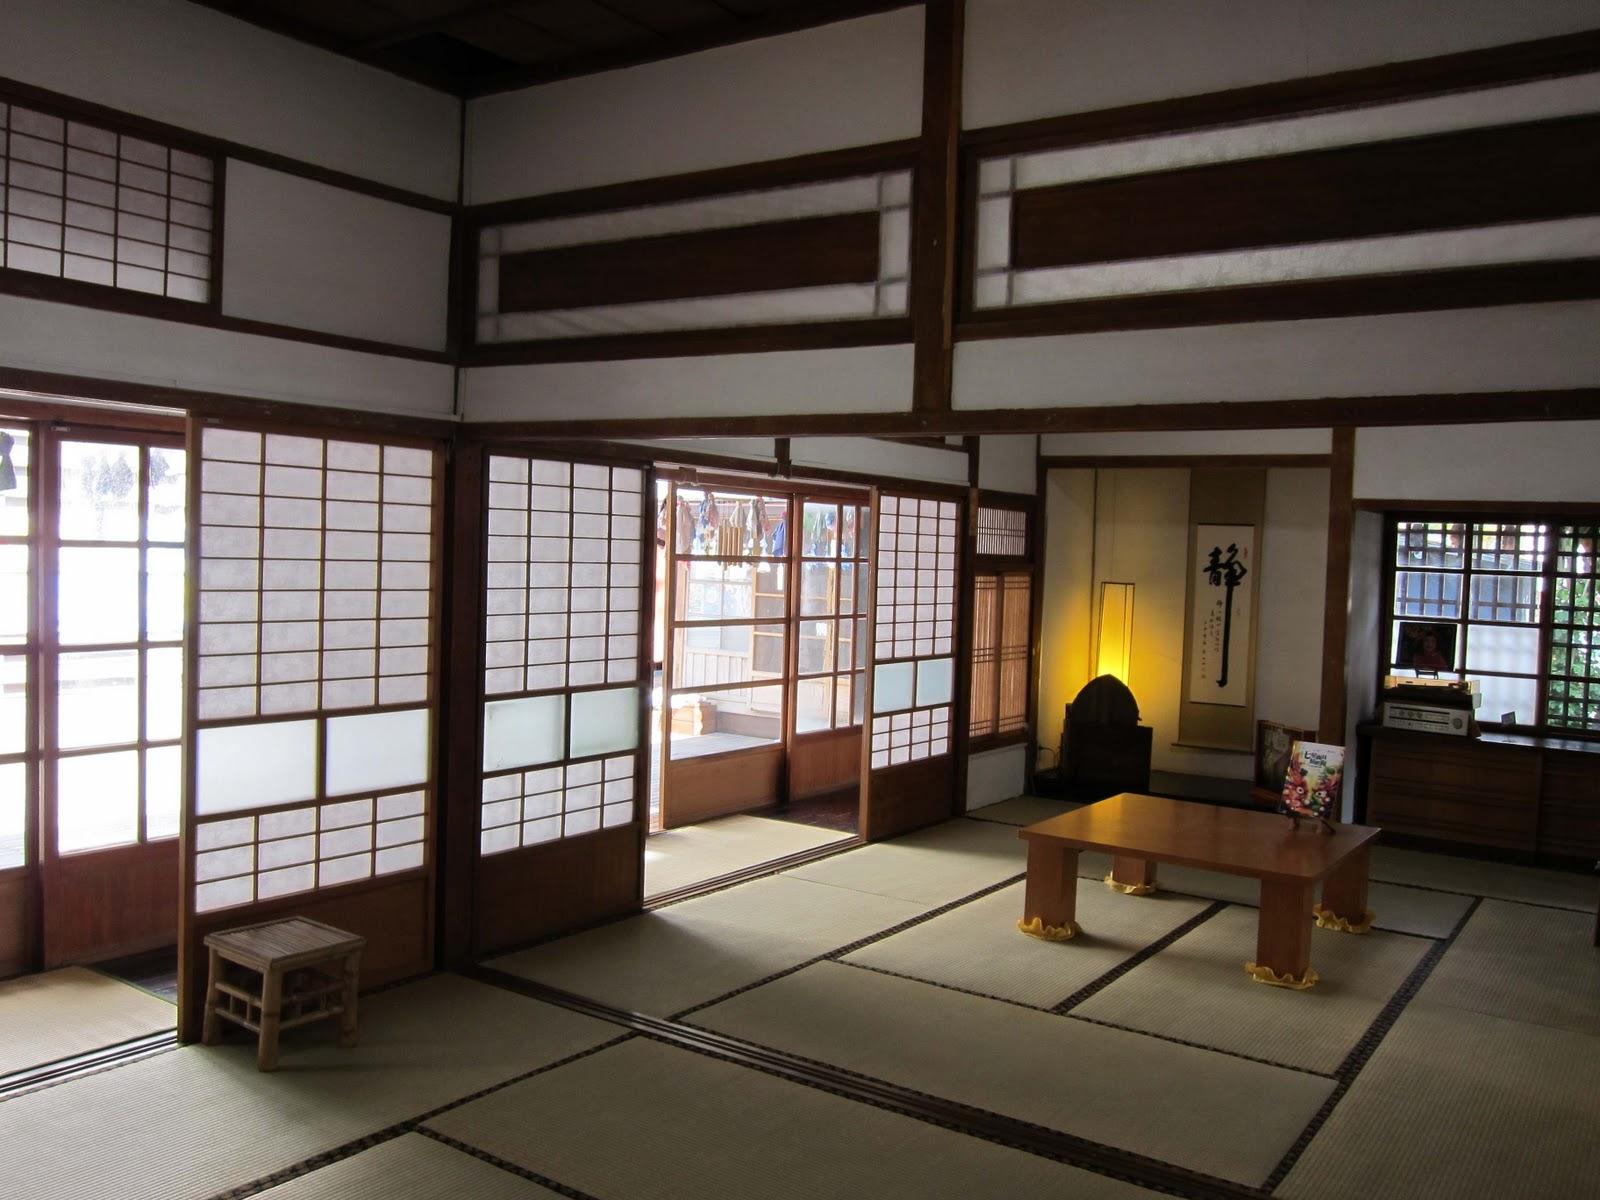 blog de s pittikoun maison japonaise en bois ta wan. Black Bedroom Furniture Sets. Home Design Ideas